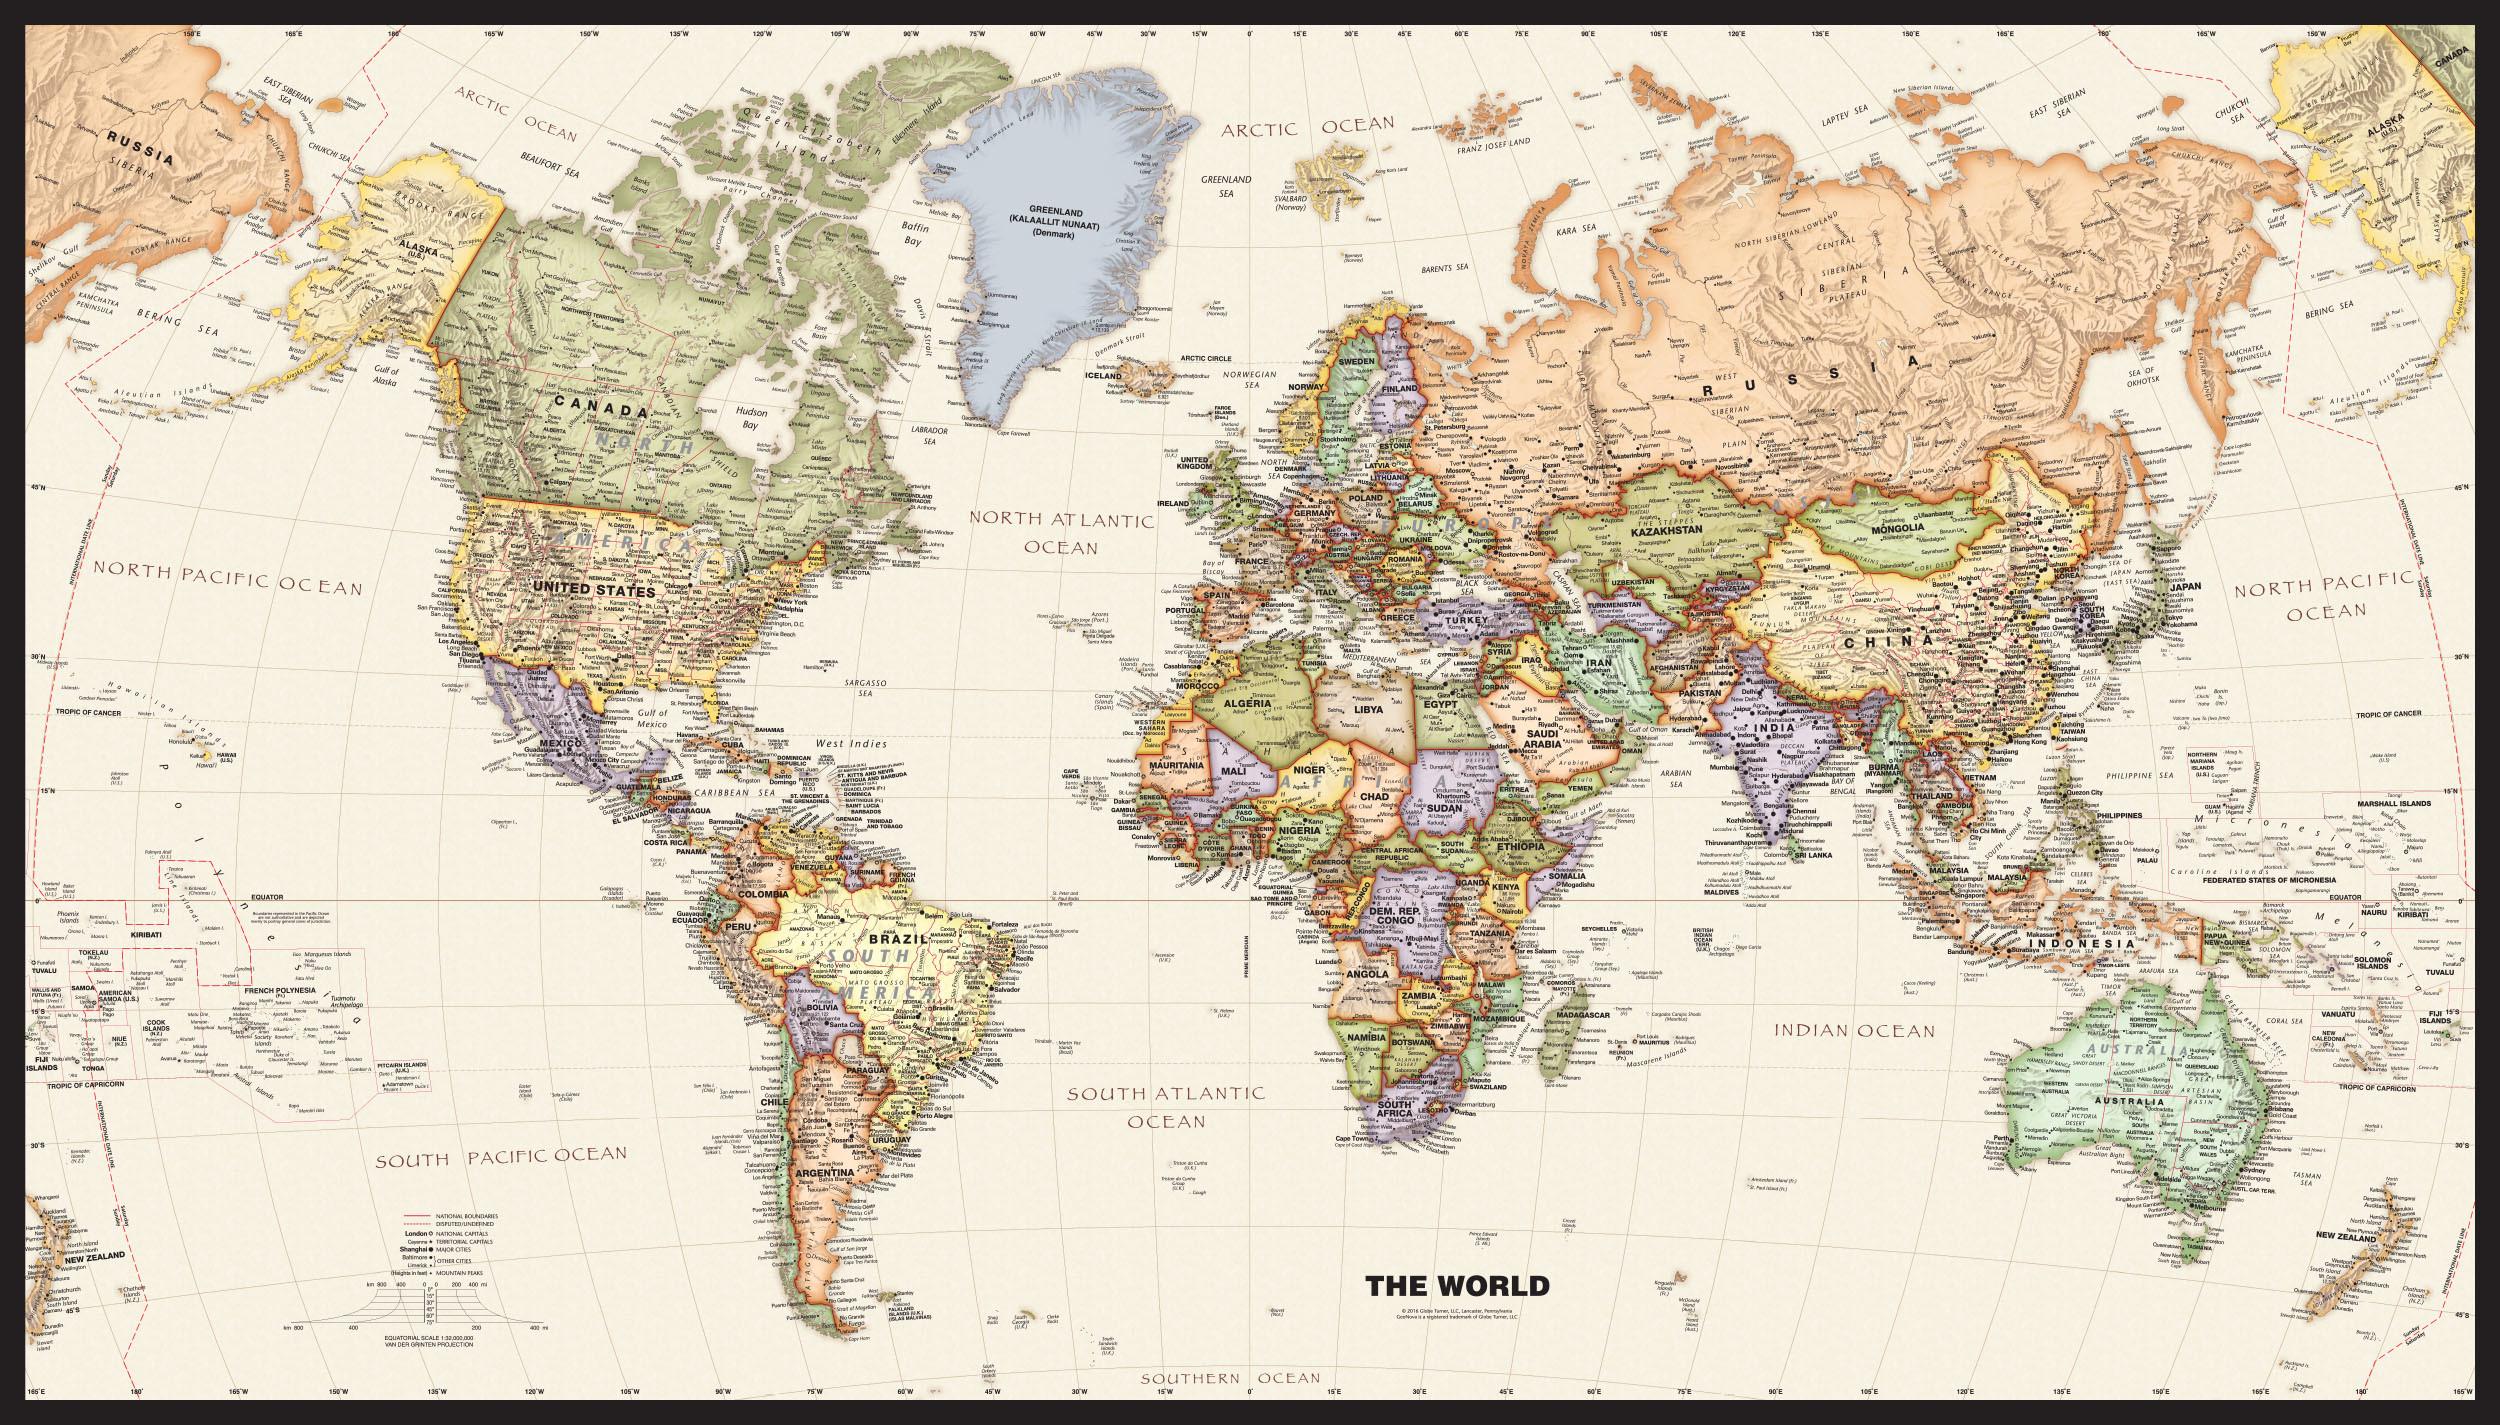 2000x1212 political world map mural wallpaper download